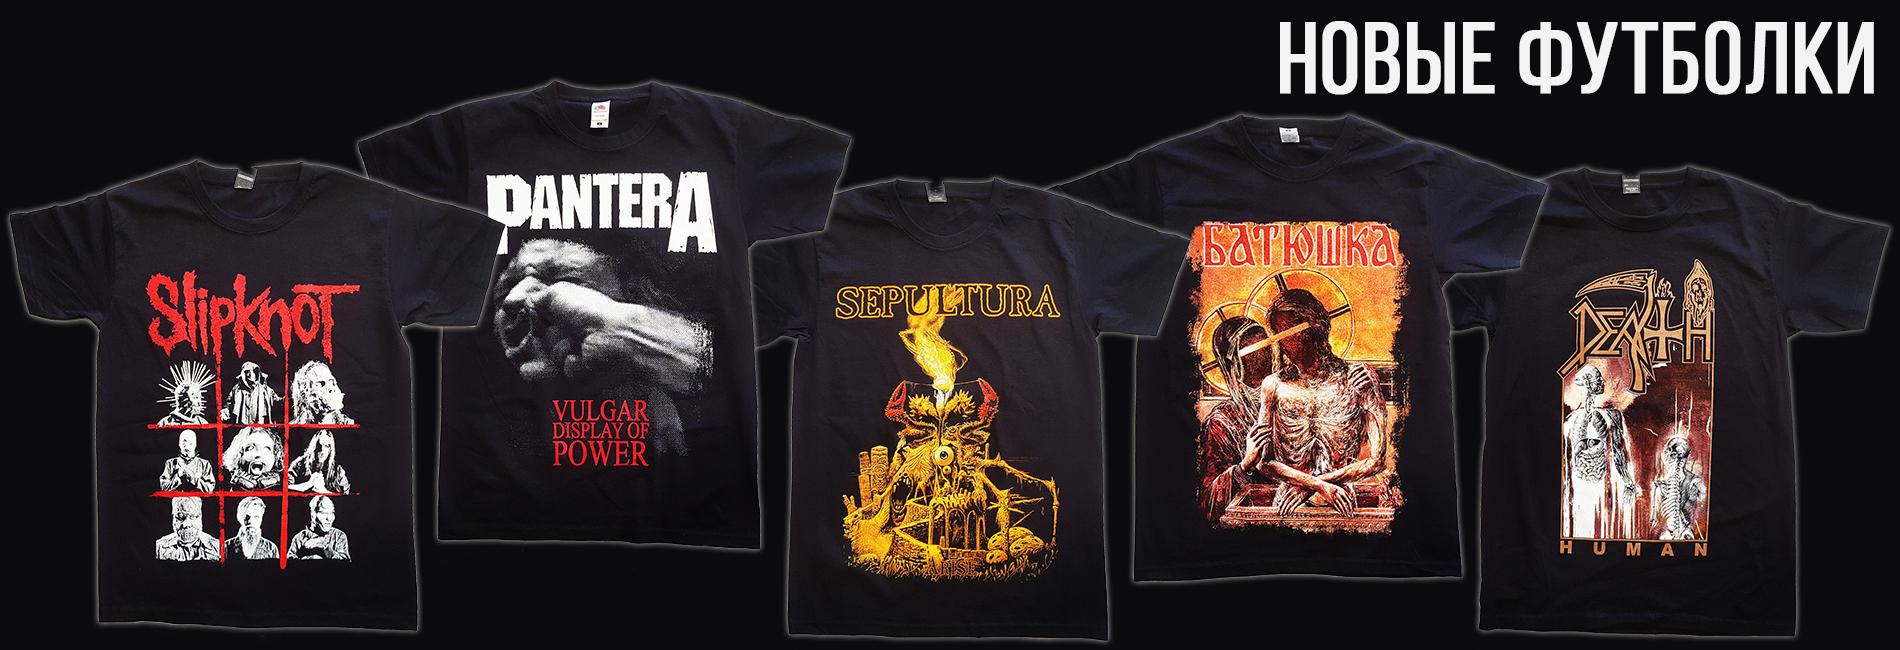 Новый футболки